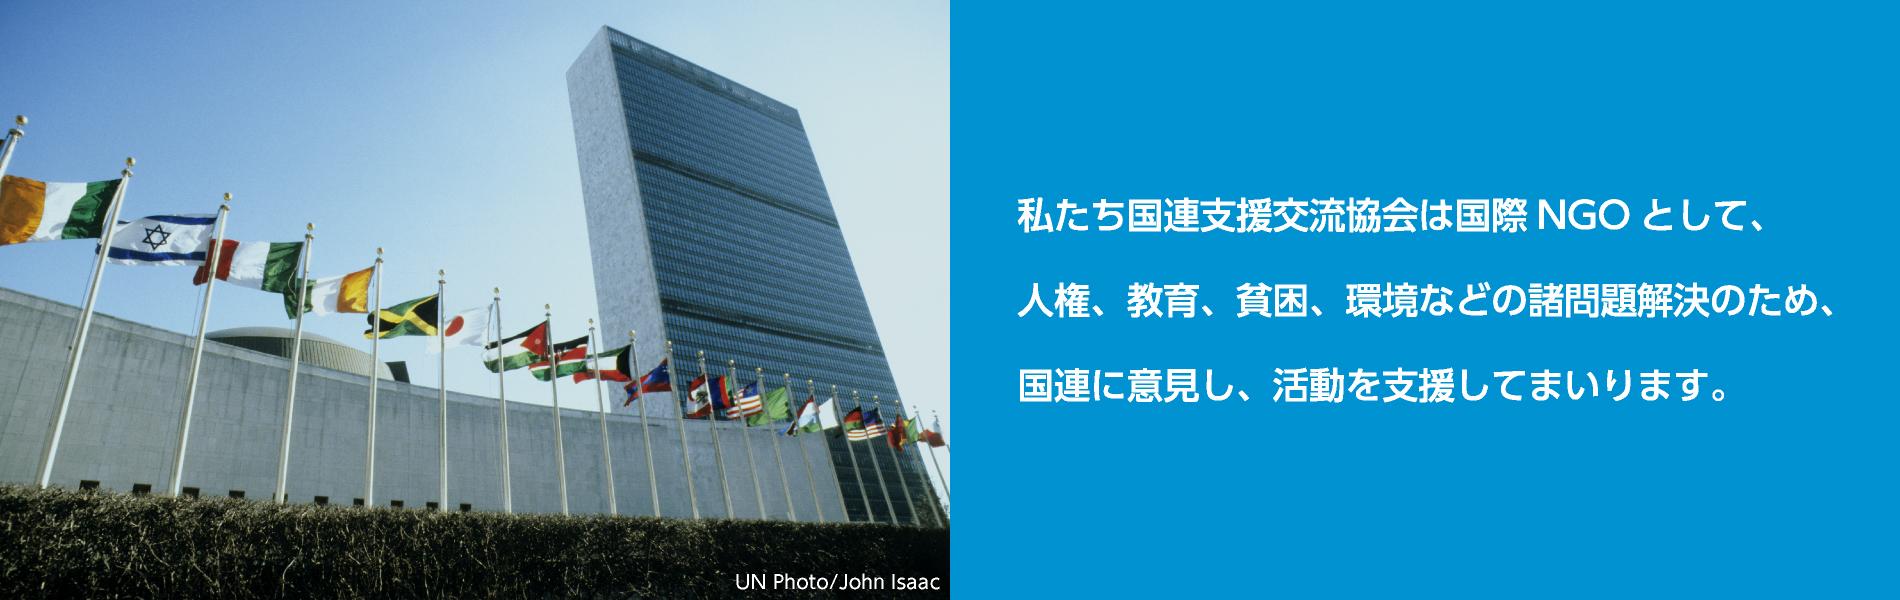 私たち国連支援交流協会は国際NGOとして、人権、教育、貧困、環境などの諸問題解決のため、国連に意見し、支援してまいります。